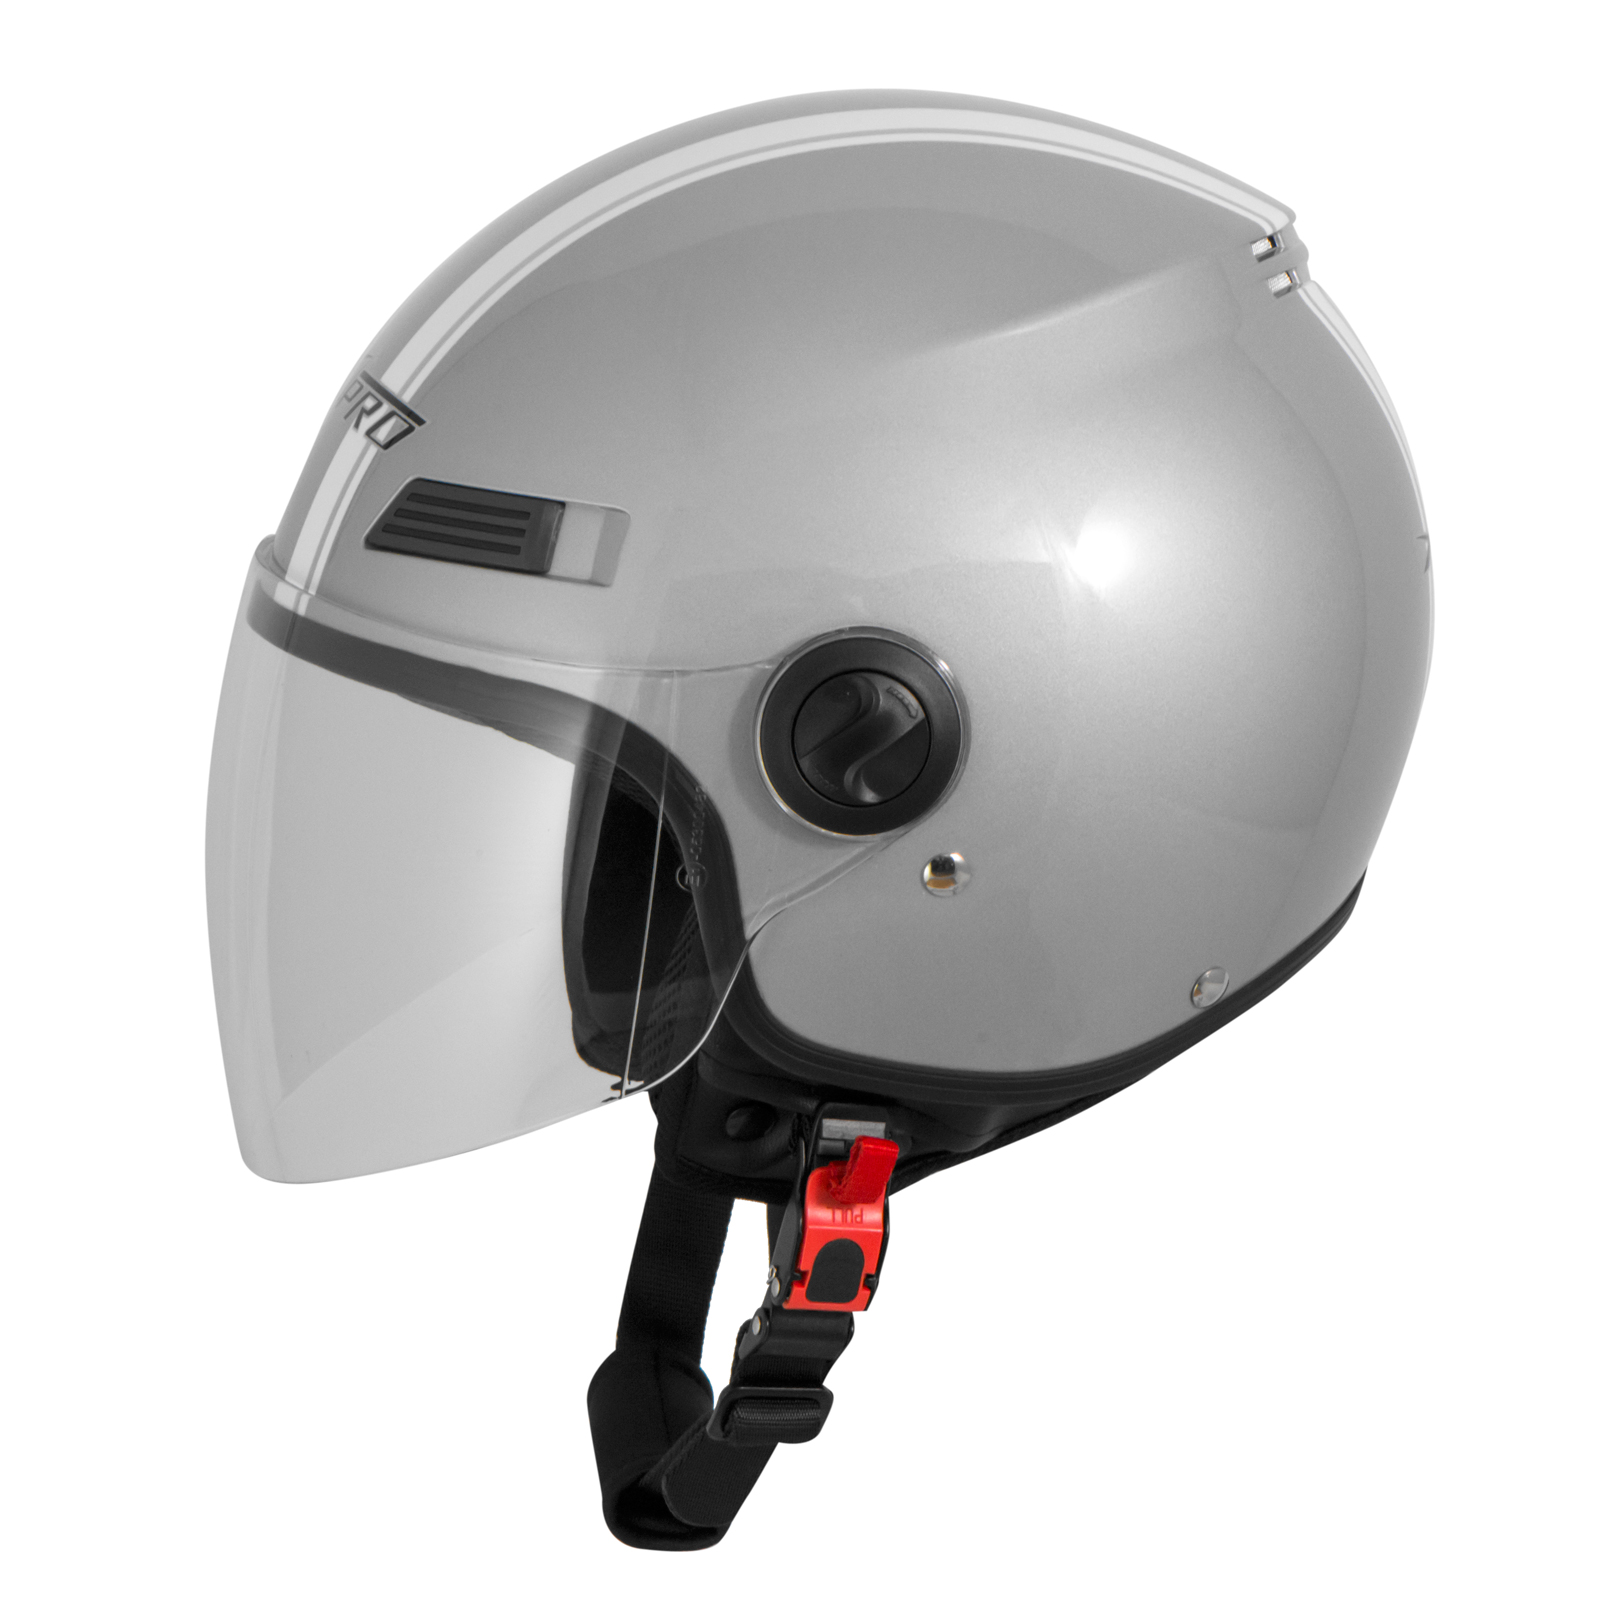 Casque-Avec-Moto-Scooter-Quad-Jet-Visiere-ECE-22-SonicMoto miniature 34